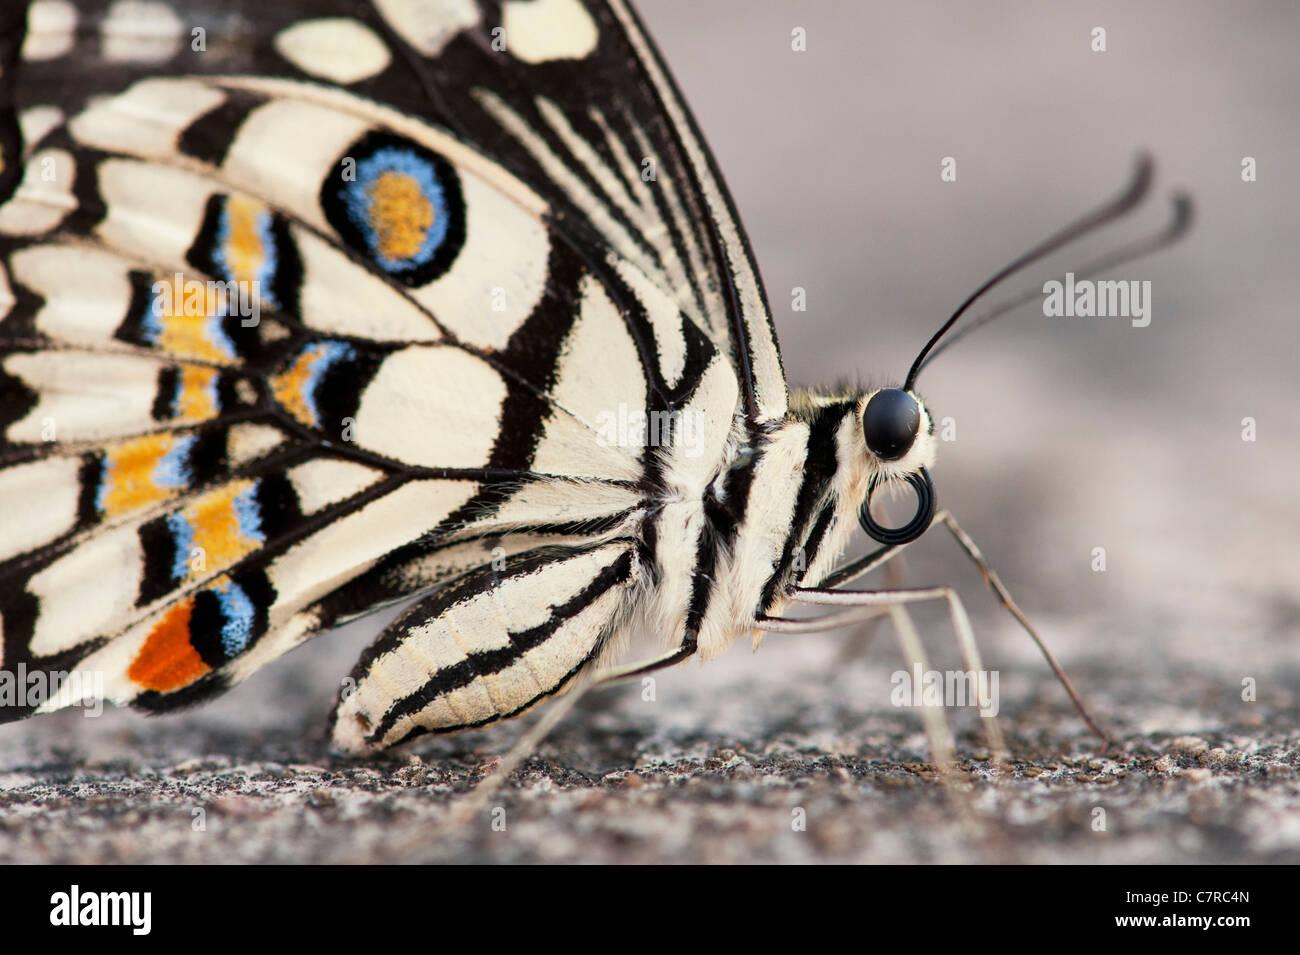 Papilio Demoleus. Kalk-Schmetterling Stockfoto